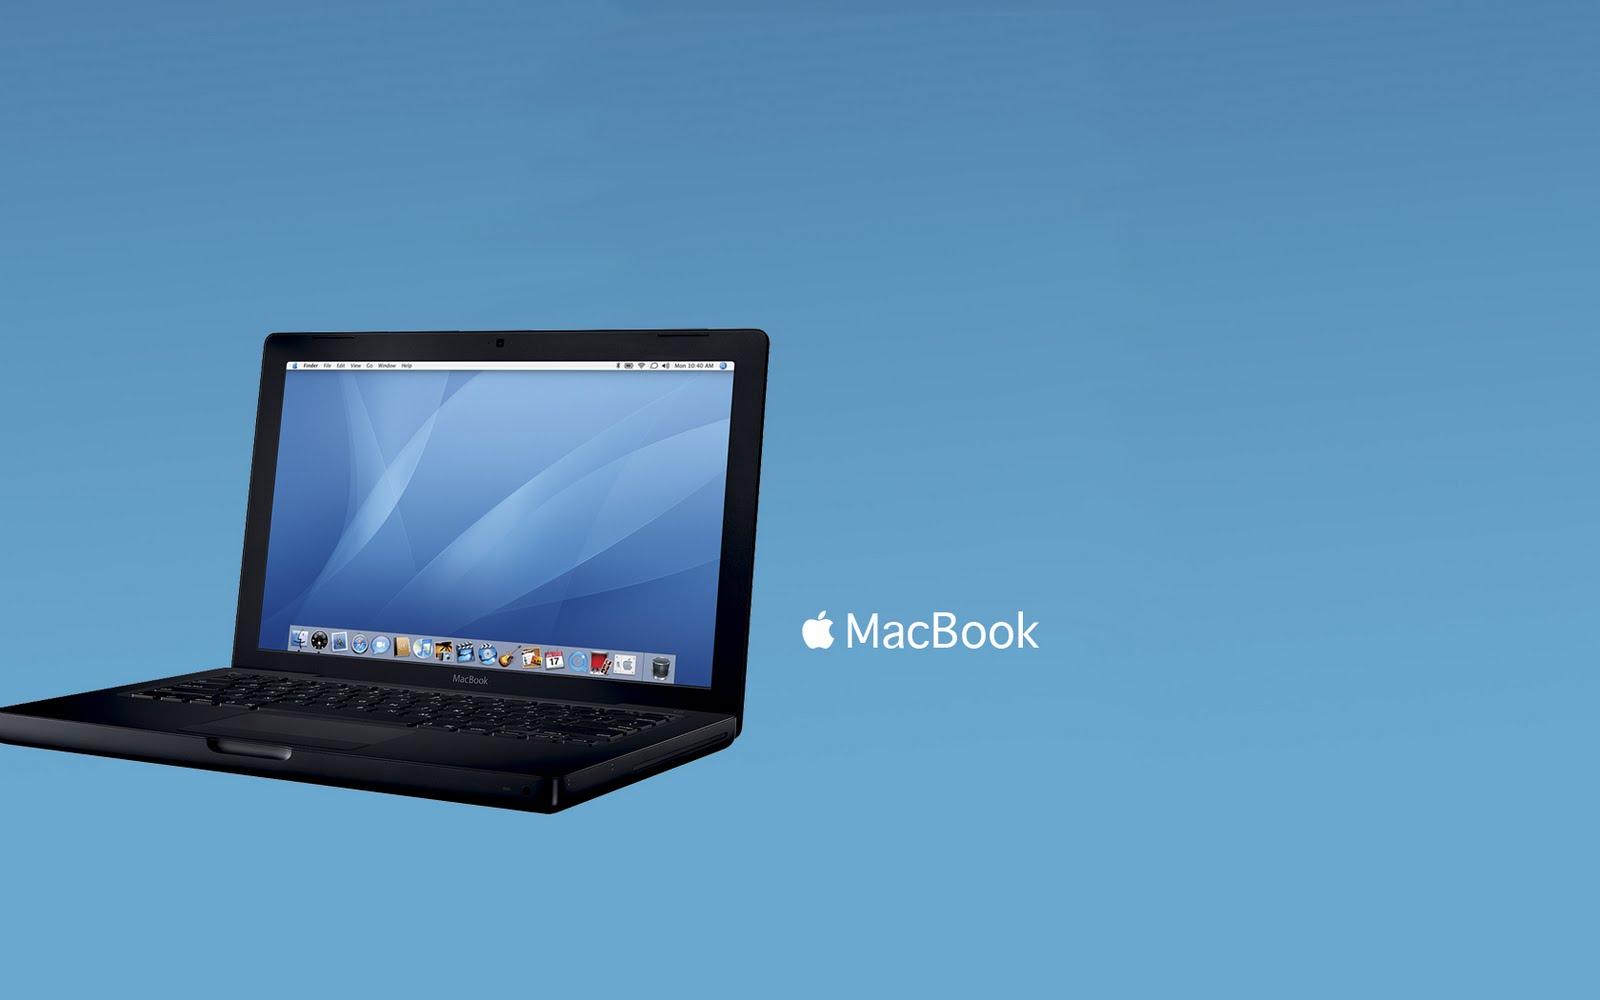 http://4.bp.blogspot.com/-Ns_QDND9bM0/Tg2lJRqmnBI/AAAAAAAACXg/r-5DeghNpWU/s1600/MacDesktops.net+-+MacBook.jpg